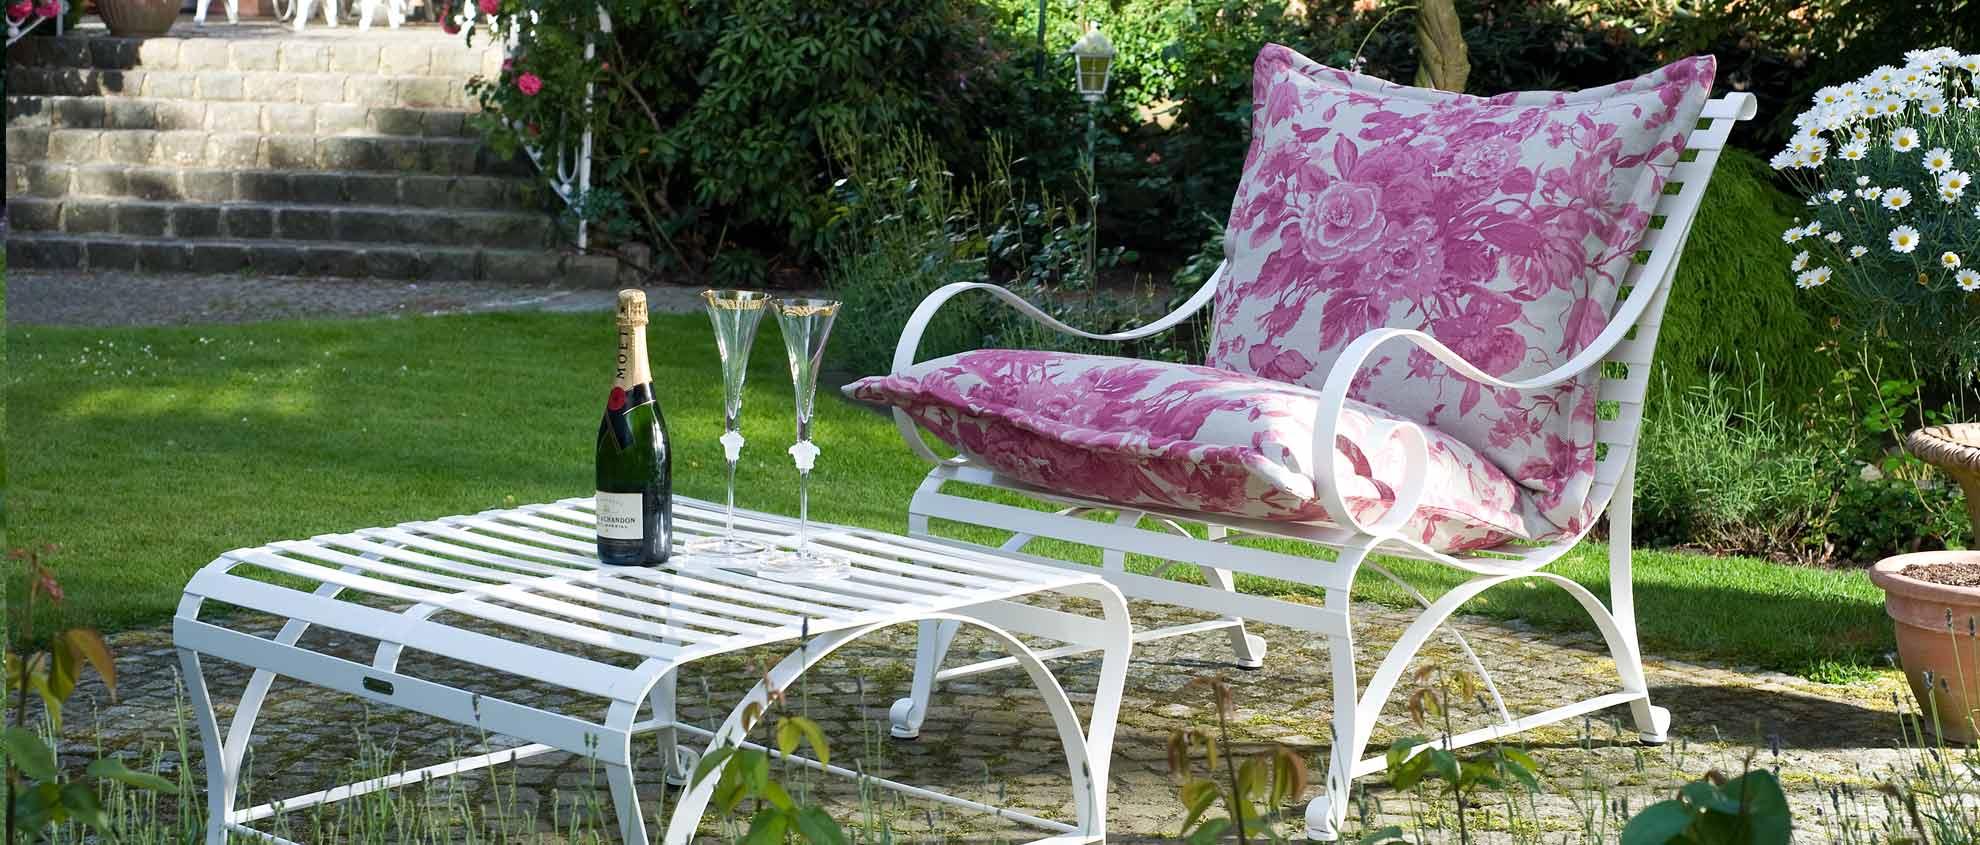 Gartensessel aus Edelstahl in Weiß und Rosa